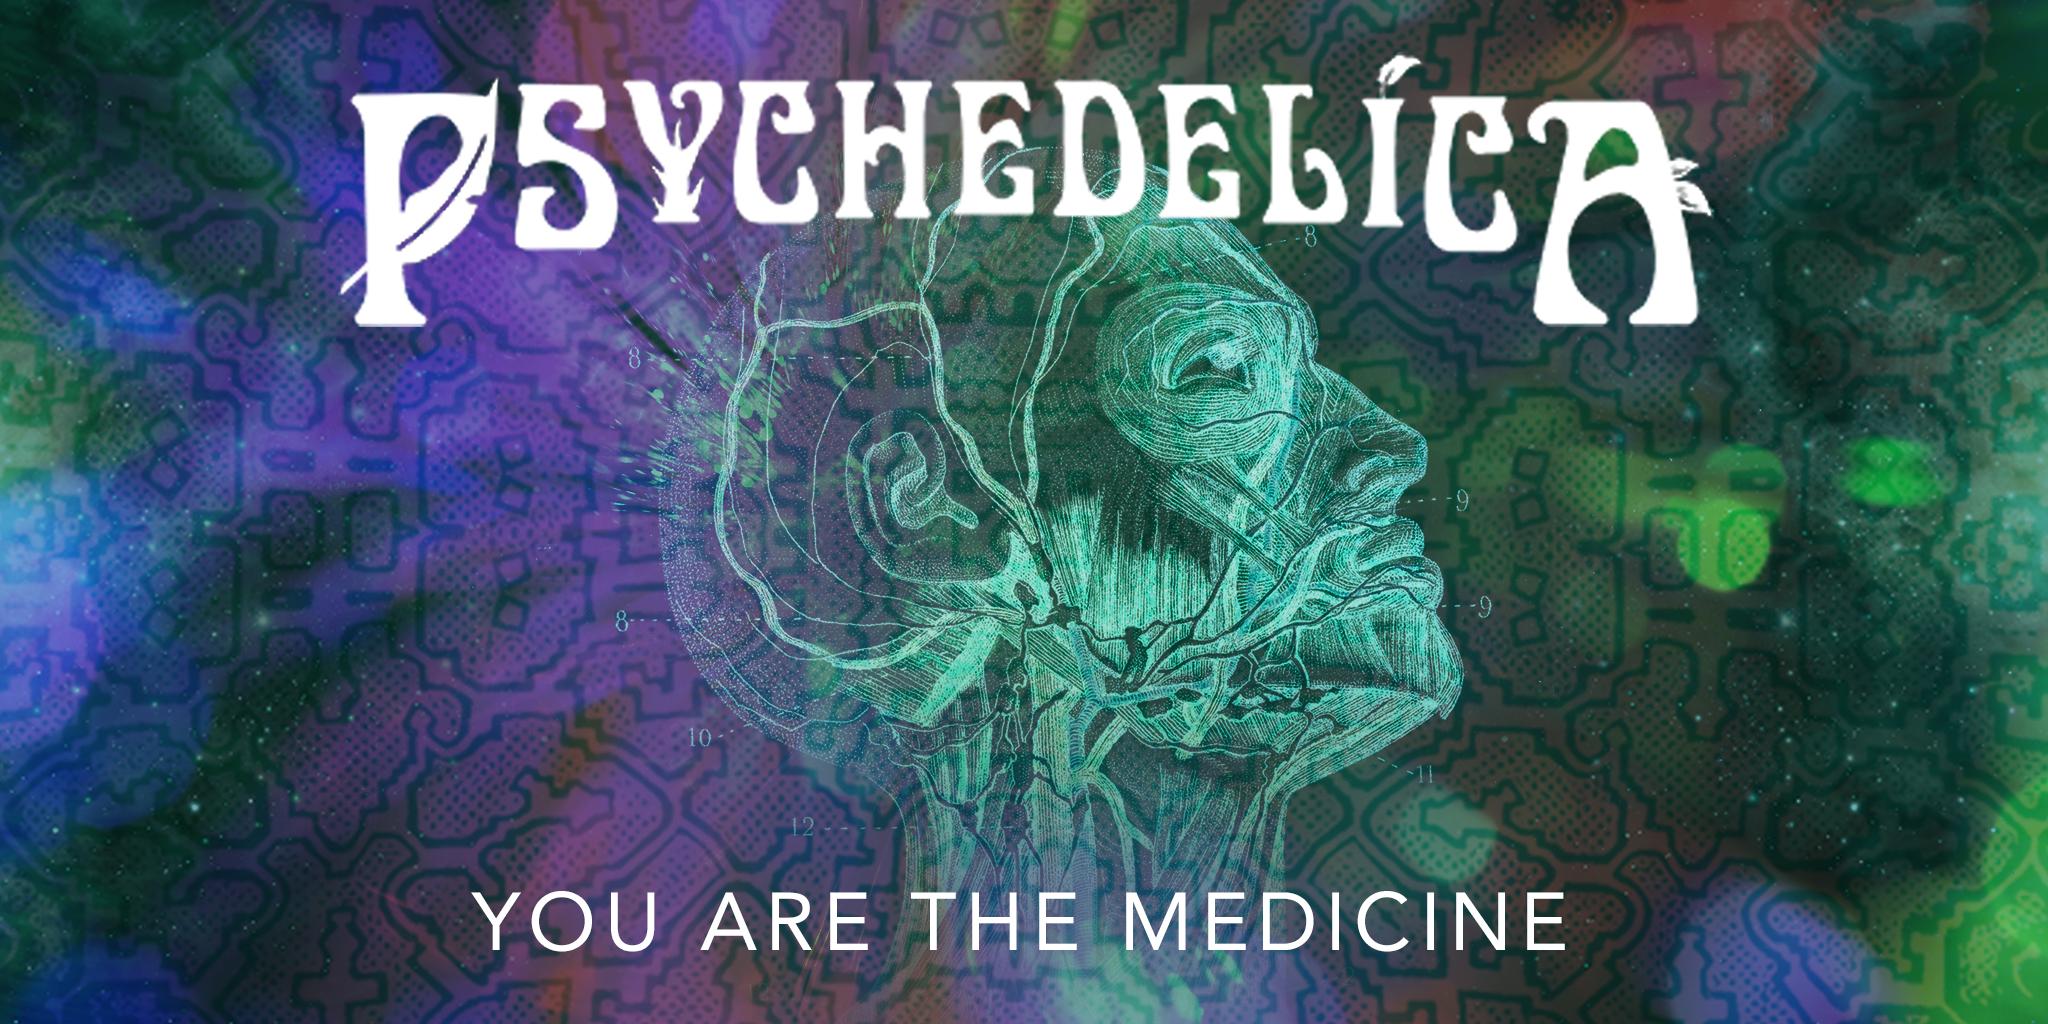 173766_p_e14_you-are-the-medicine_2048x1024.jpg